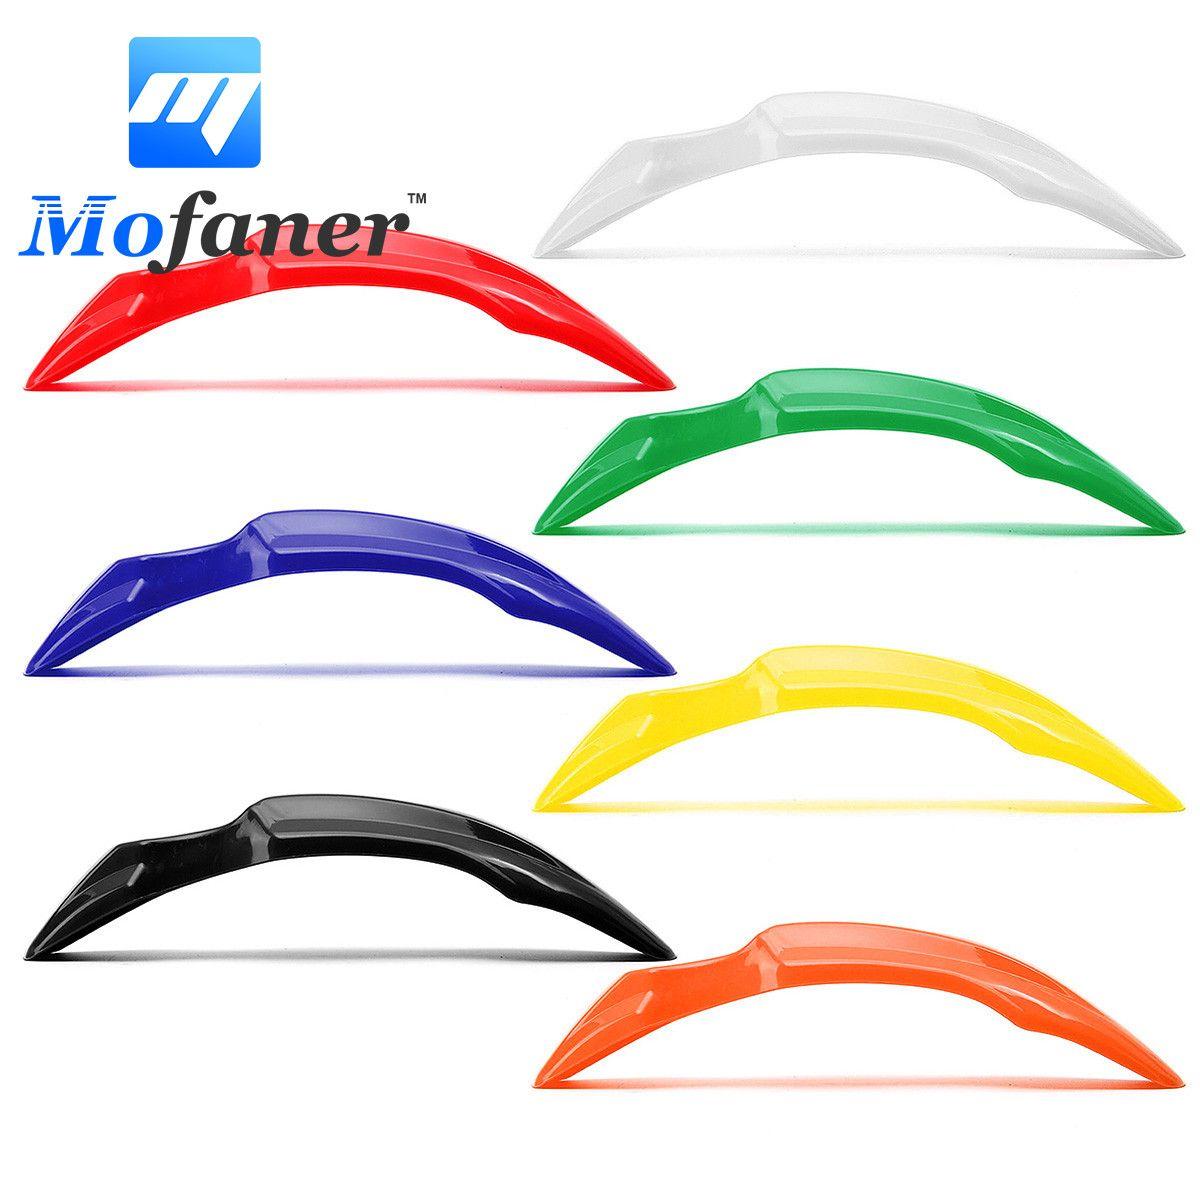 Mofaner Front Wheel For Fender Protector Plastic For HONDA CRF50 Dirt Pit Bike